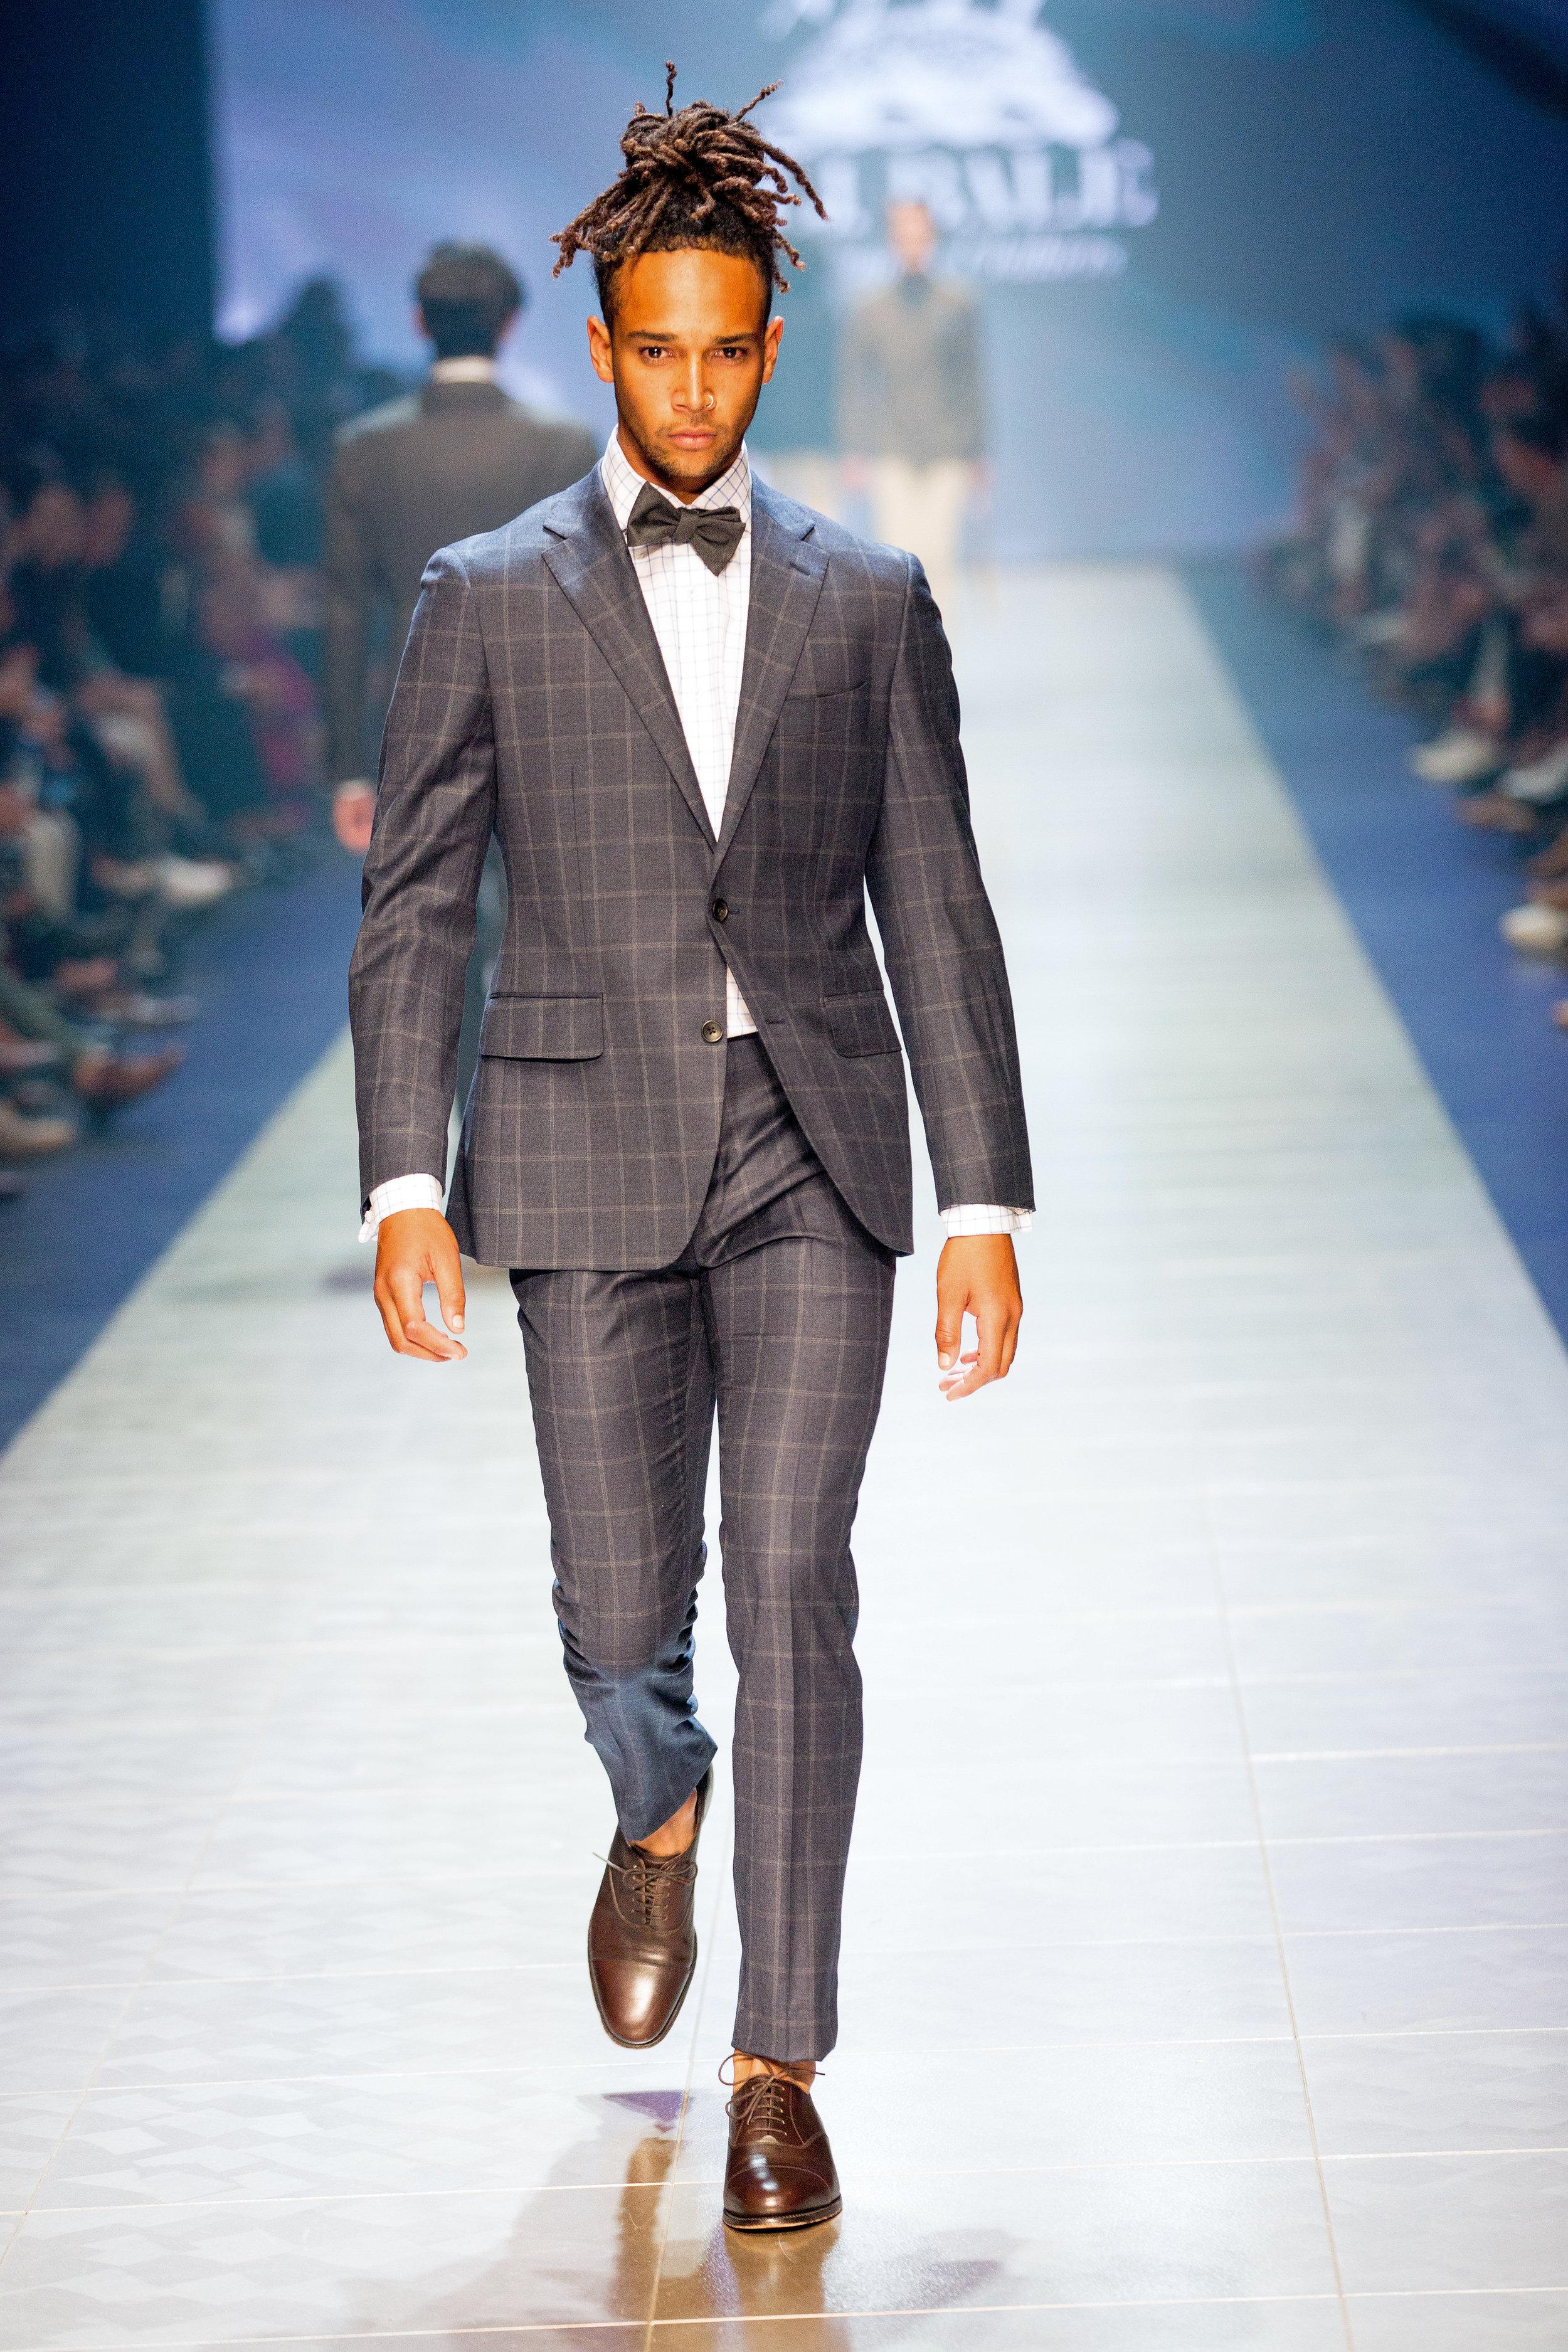 VAMFF2019_GQ Menswear-354.jpg